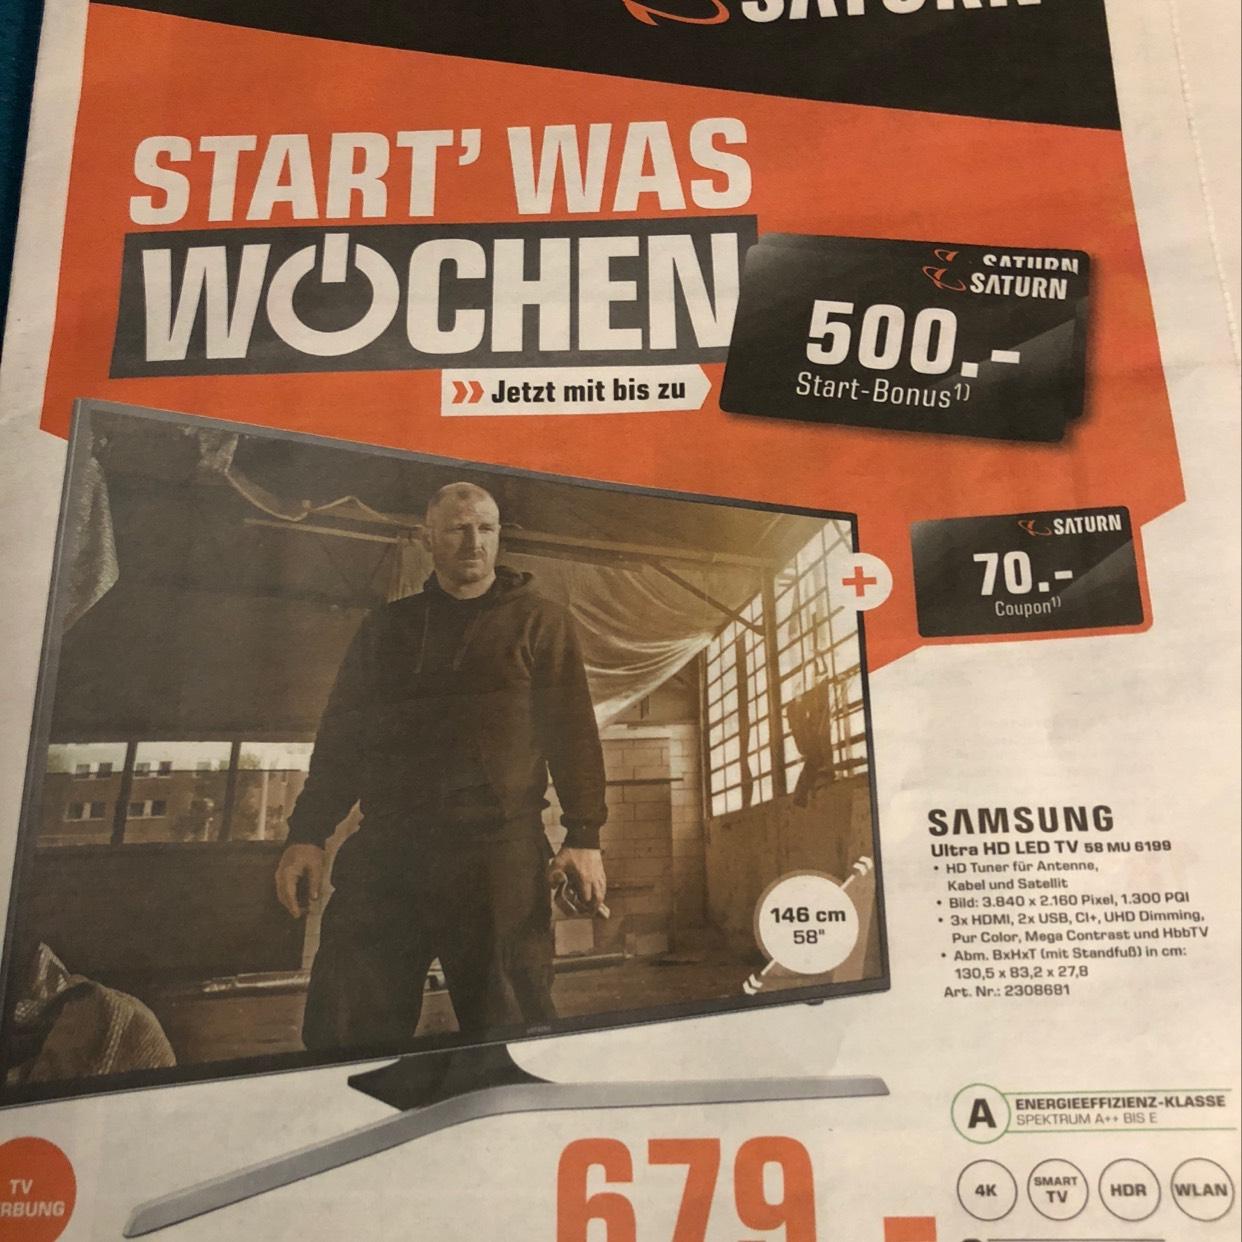 saturn coupon aktion bis zu 500. Black Bedroom Furniture Sets. Home Design Ideas